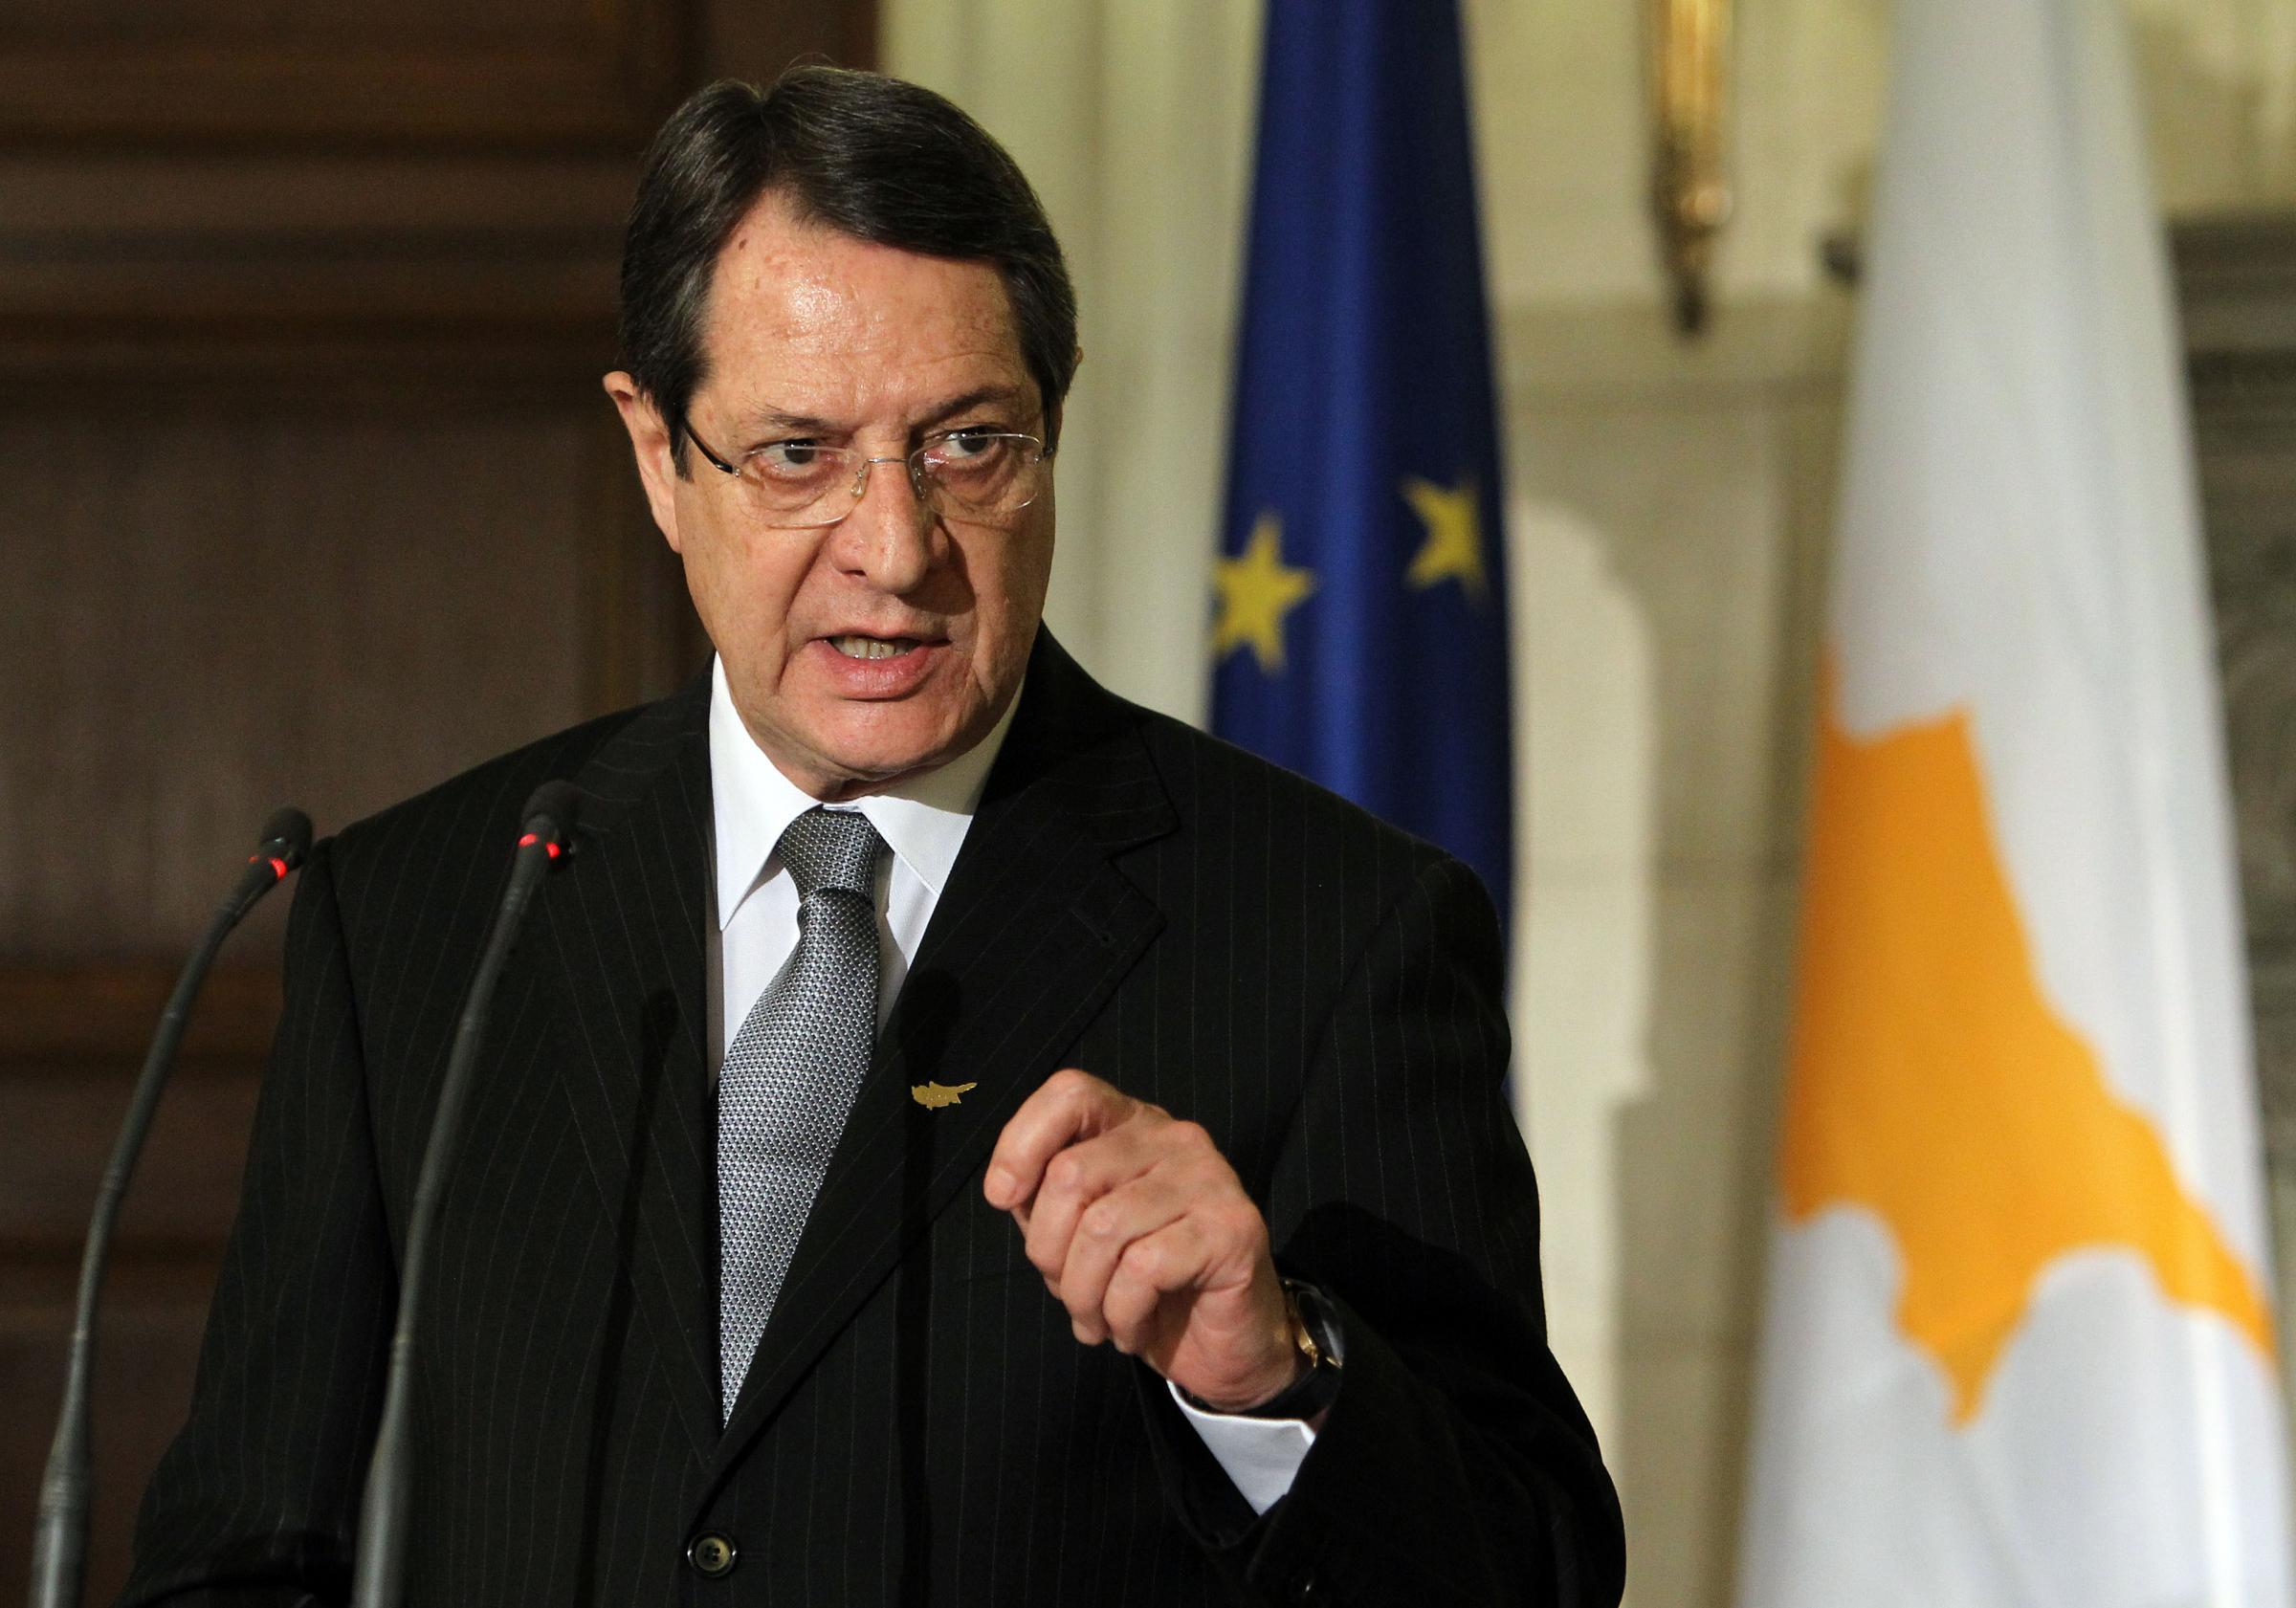 """Kiparski predsednik Anastasiades: """"Ostajem privržen rešenjima koja su u skladu sa principima međunarodnog prava"""""""